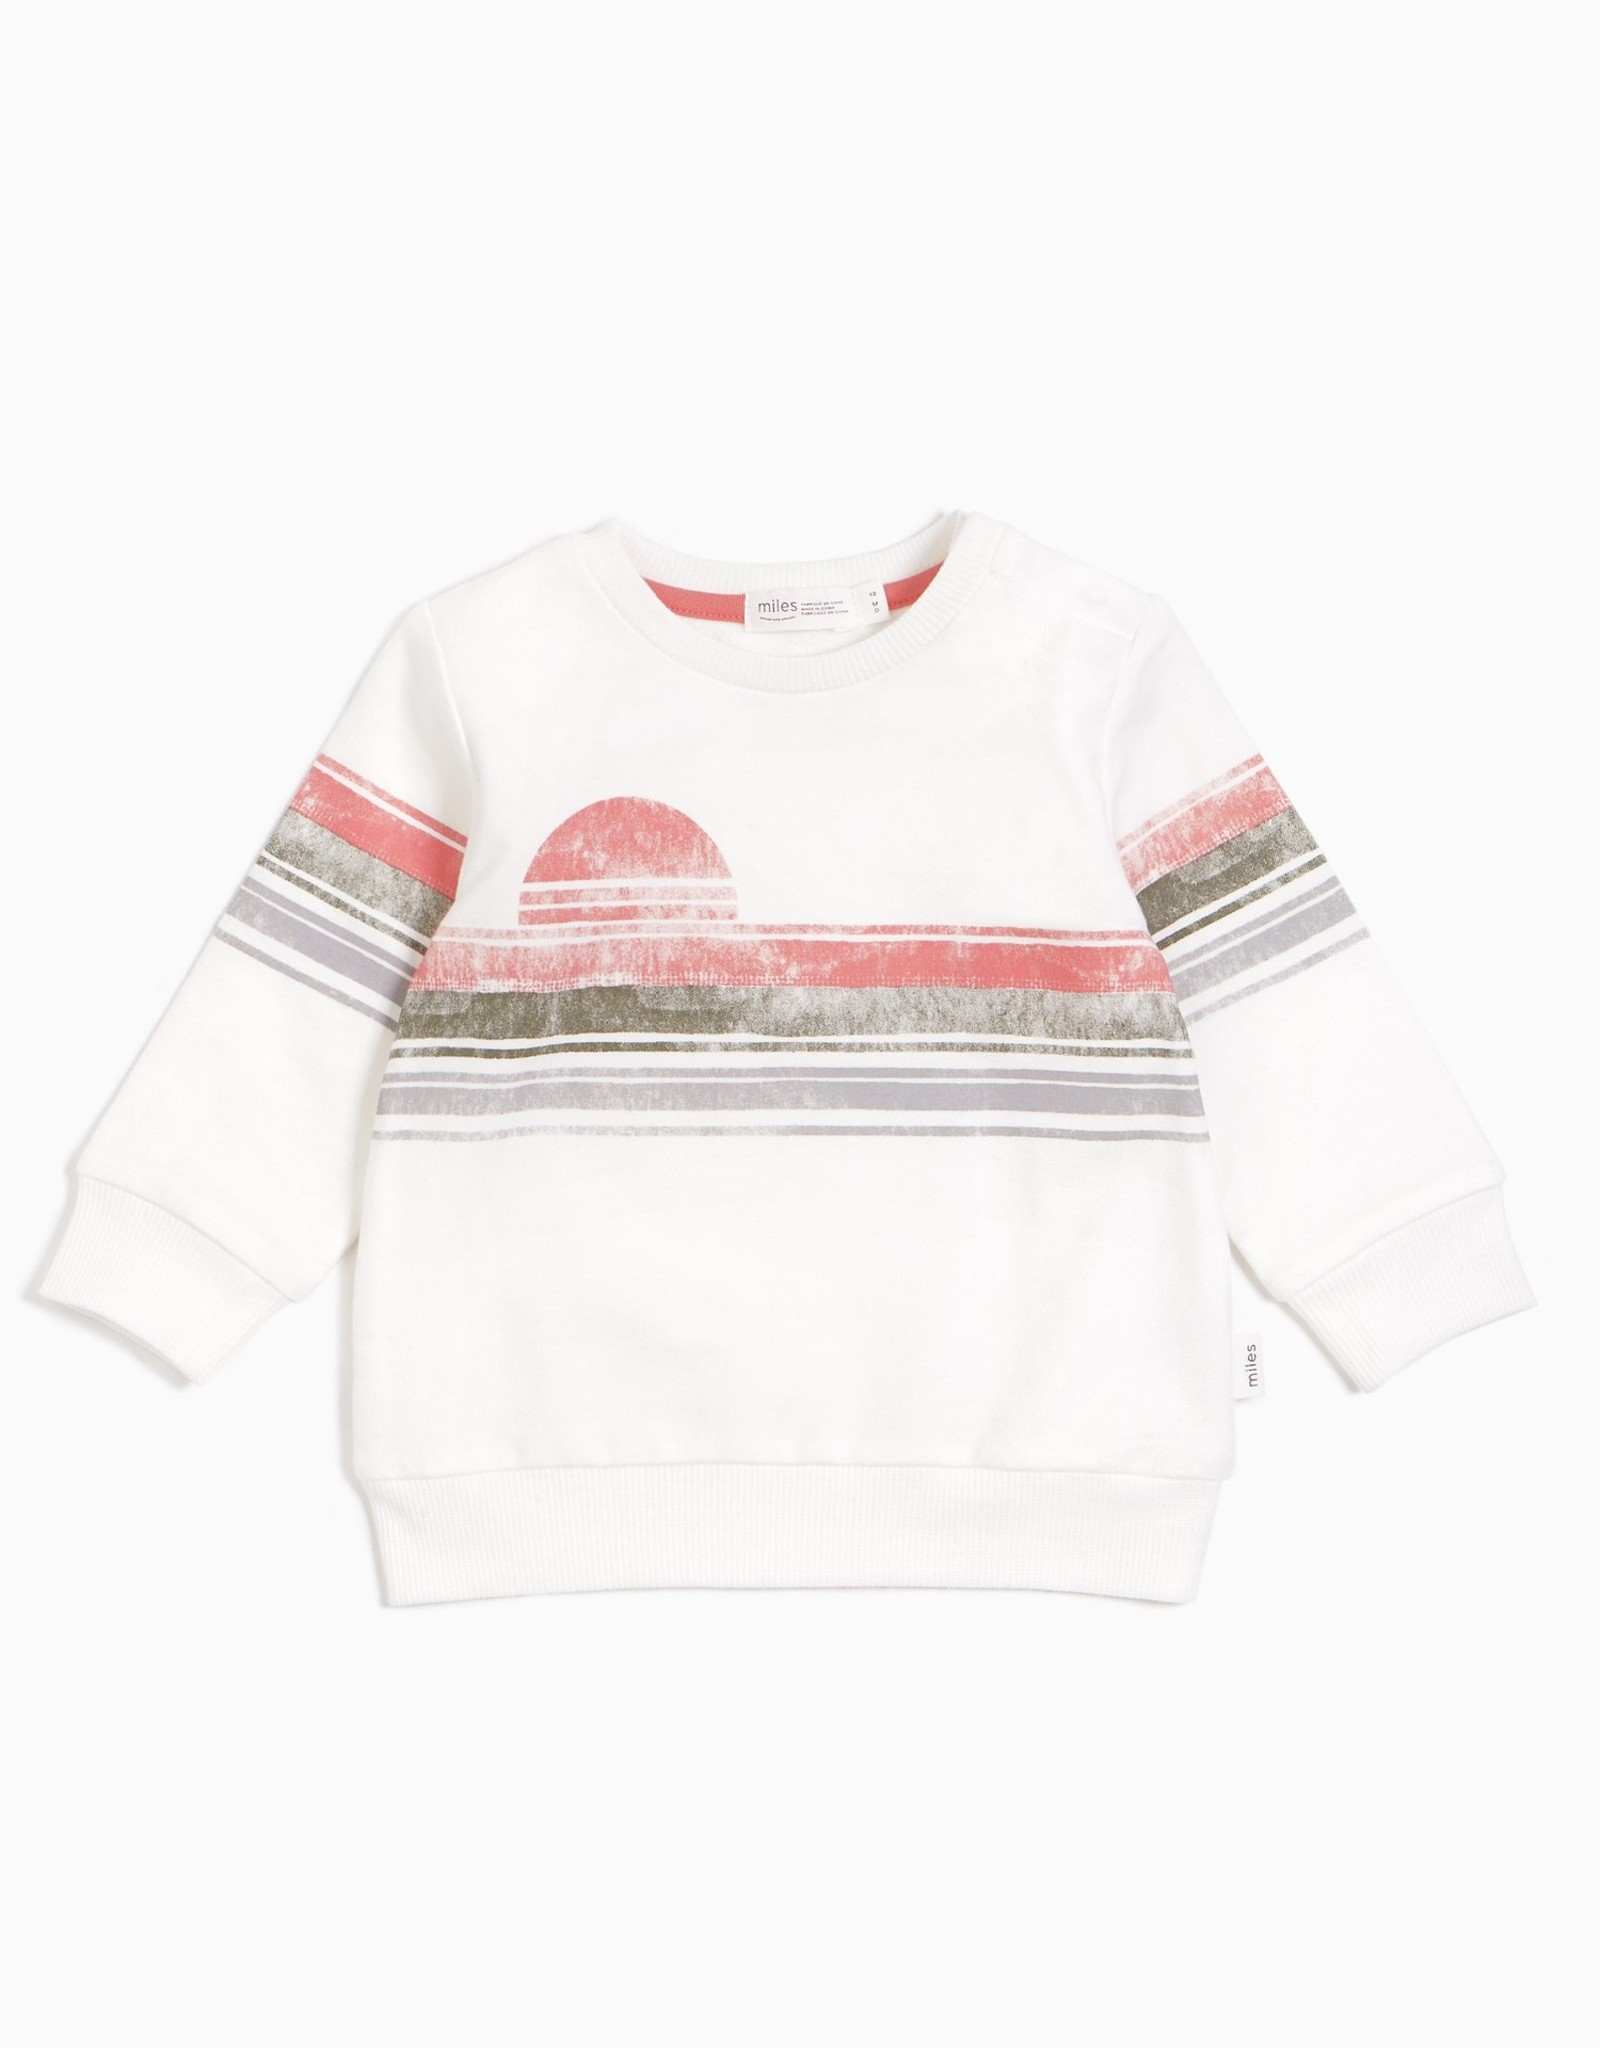 Miles SP21 BbyG Lakeview Sweatshirt